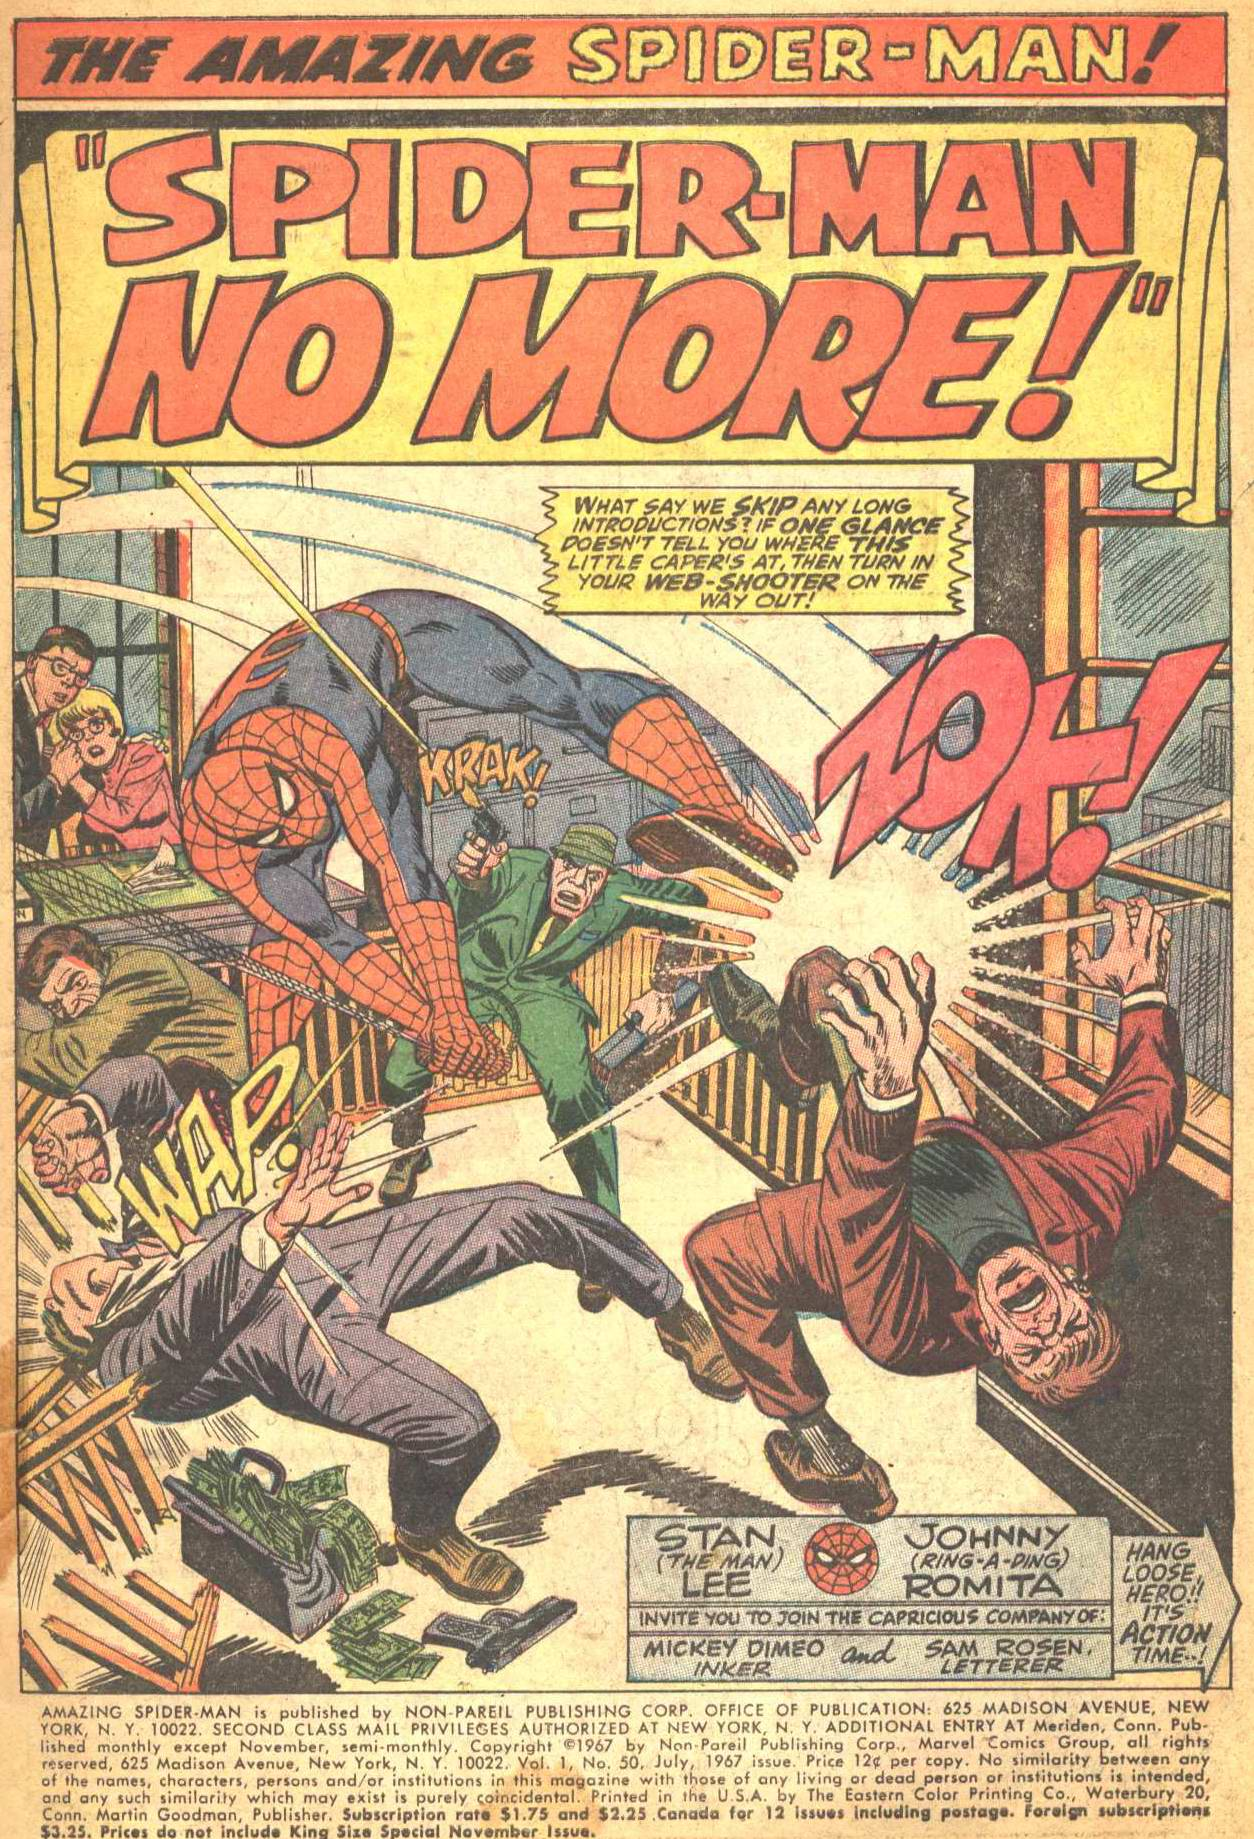 Amazing_Spider-Man_Vol_1_50_001.JPG